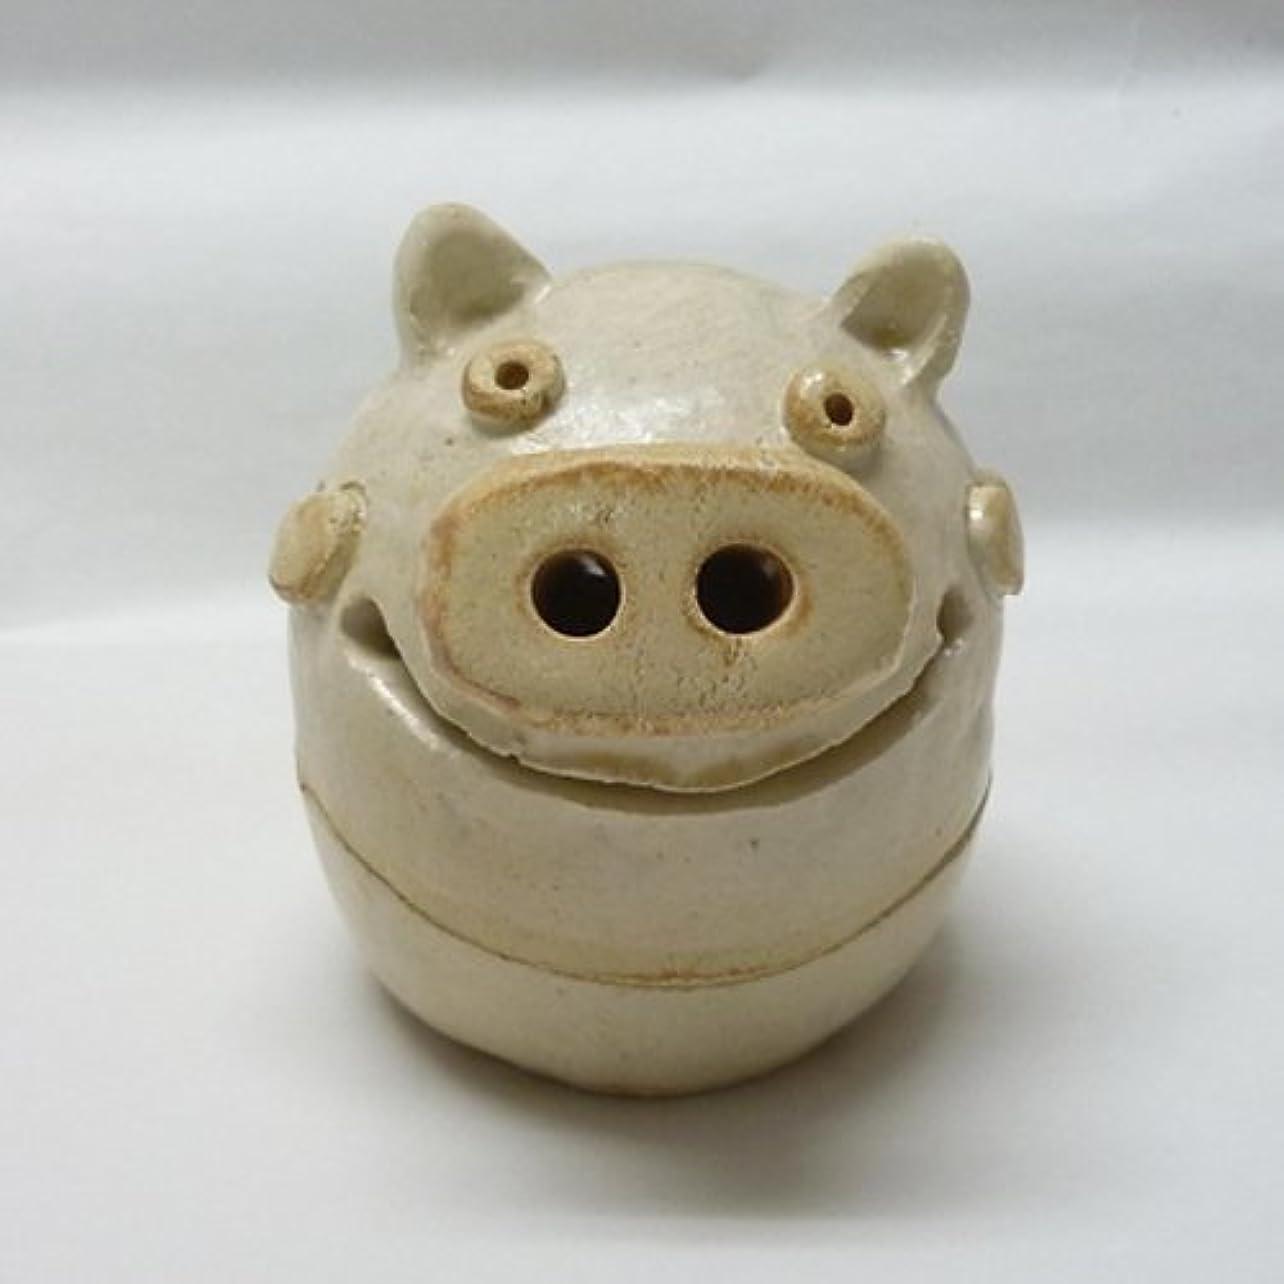 命題描く活気づける香炉 ぶた君 香炉(白) [H9cm] HANDMADE プレゼント ギフト 和食器 かわいい インテリア